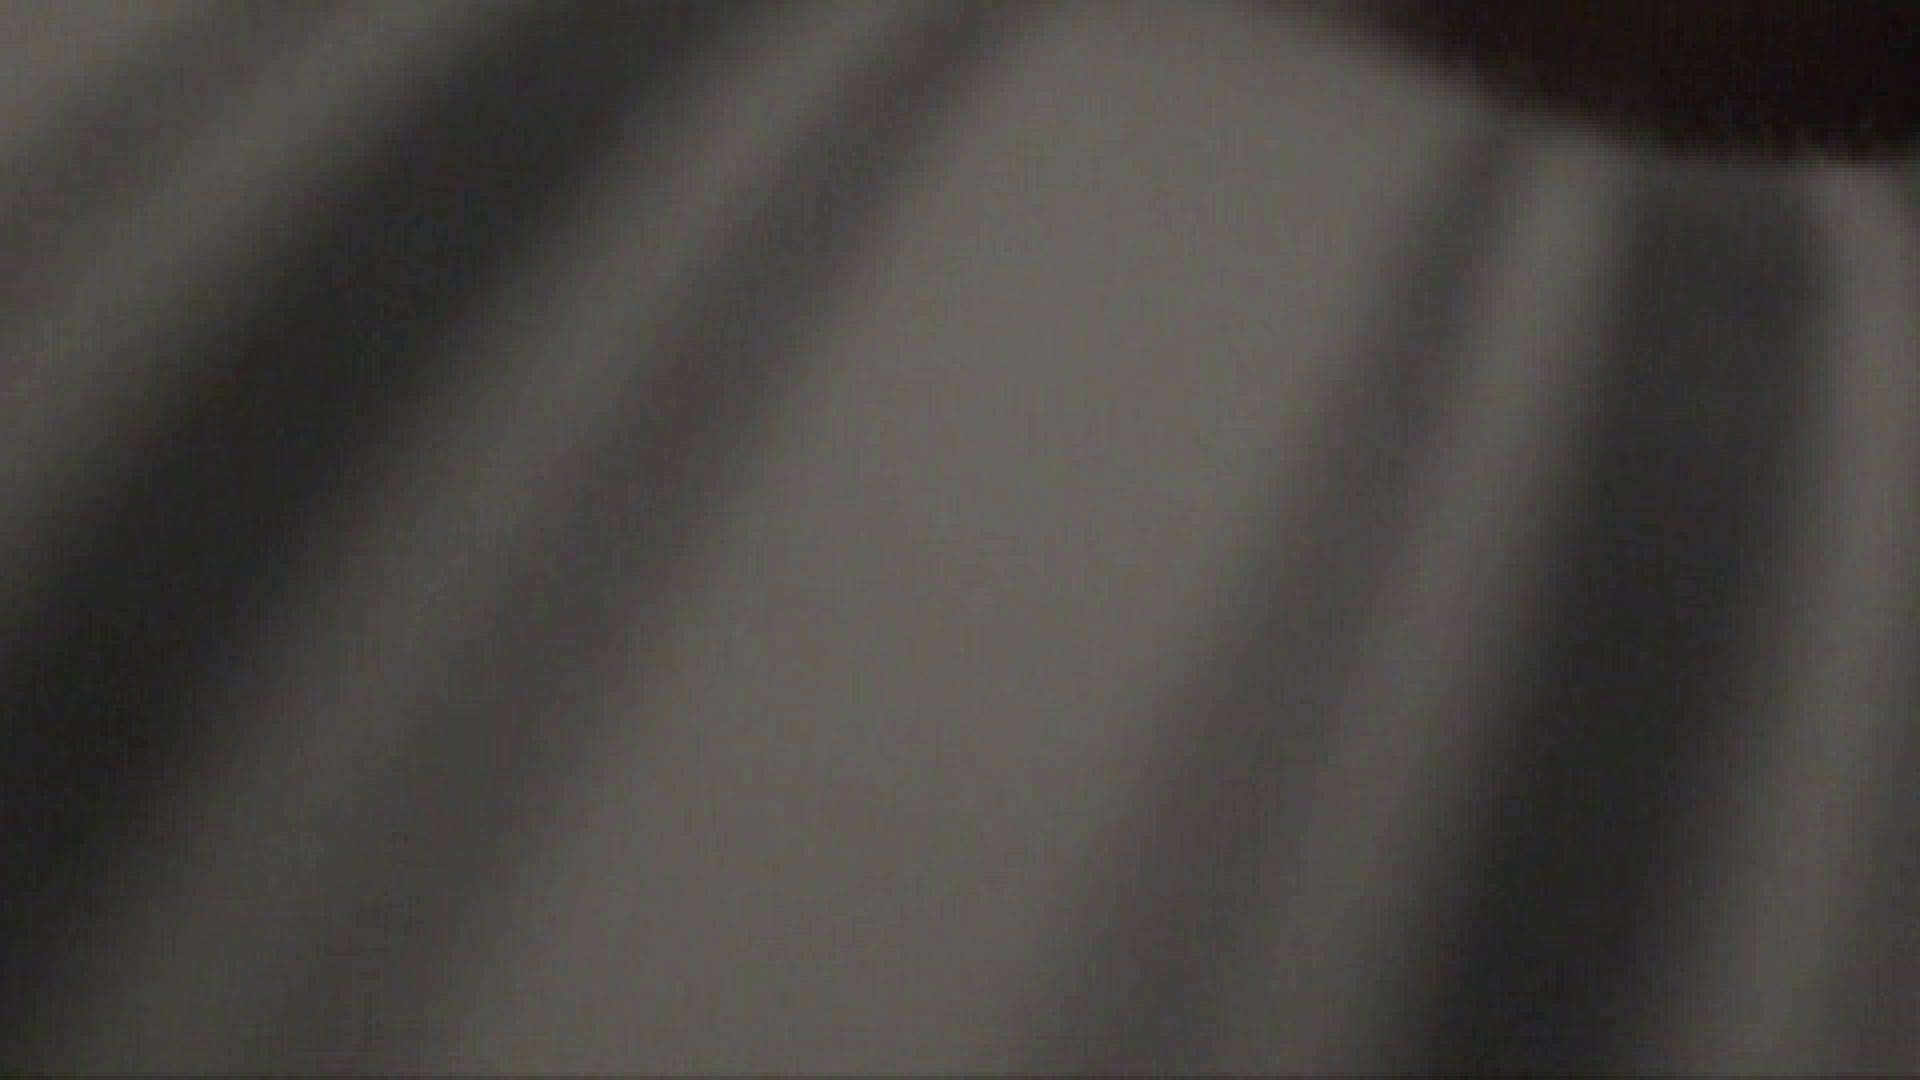 独占配信! ●罪証拠DVD 起きません! vol.15 マンコ特別編 オマンコ無修正動画無料 111枚 37